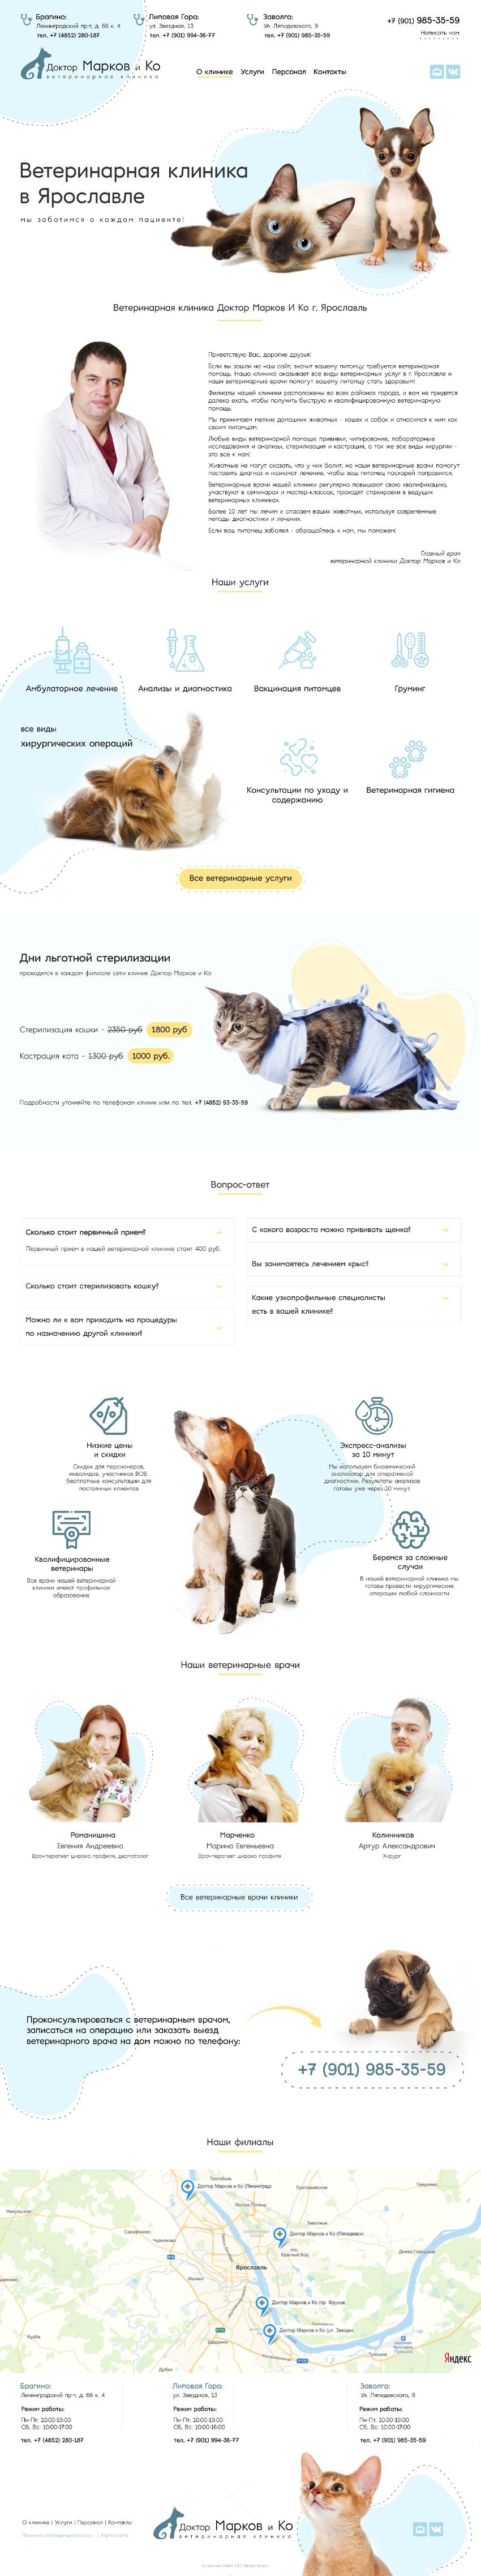 Корпоративный сайтветеринарной клиники